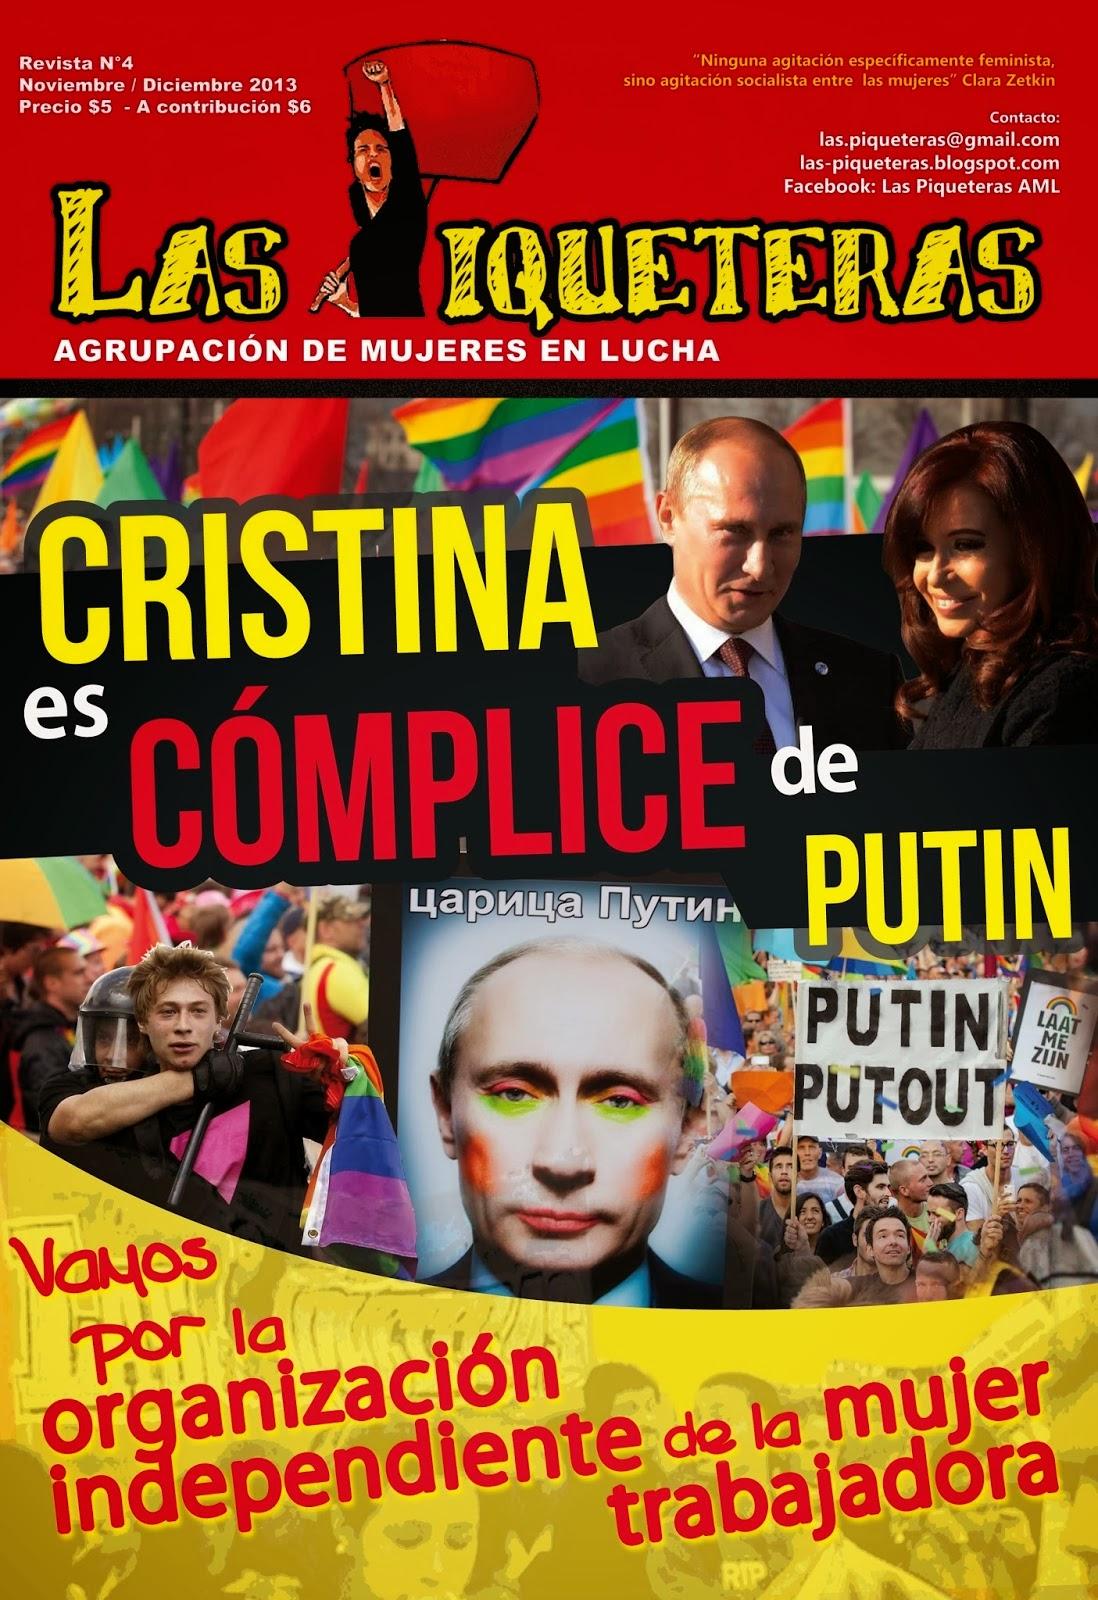 REVISTA DE LAS PIQUETERAS Nº4 - Noviembre 2013